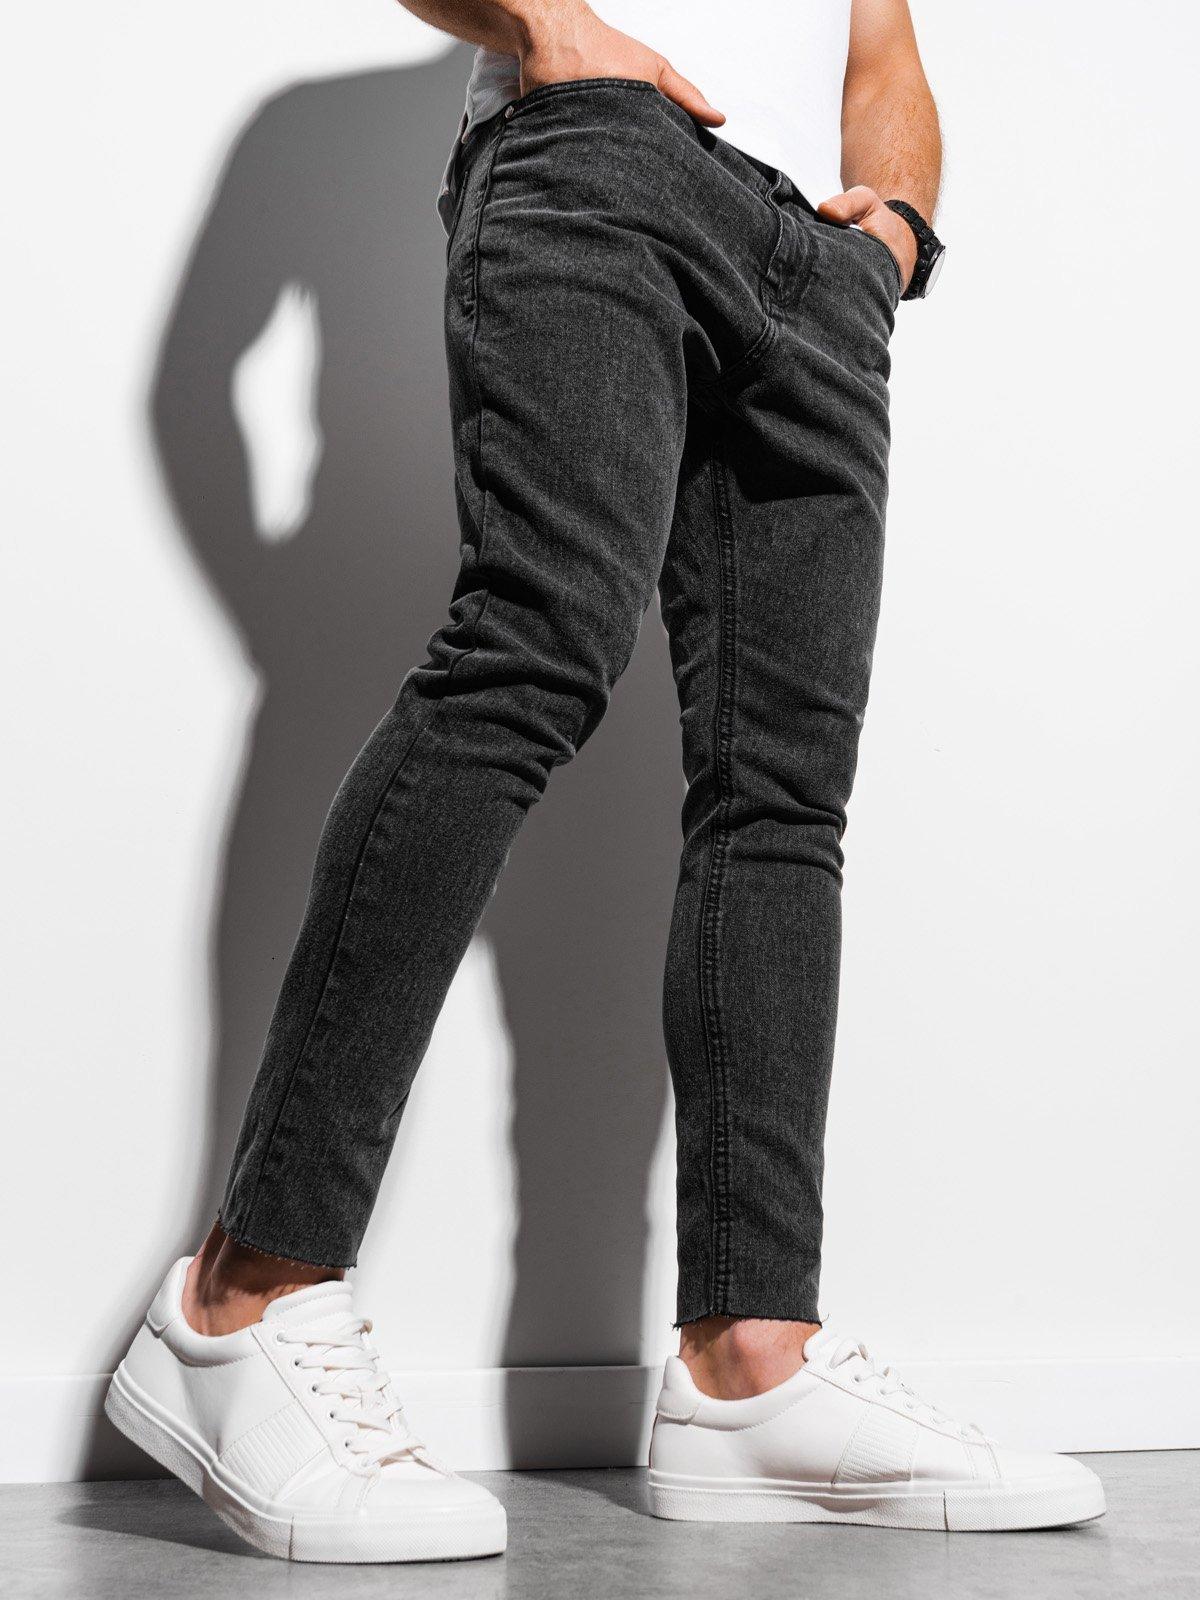 Pánské riflové kalhoty P923 - černé